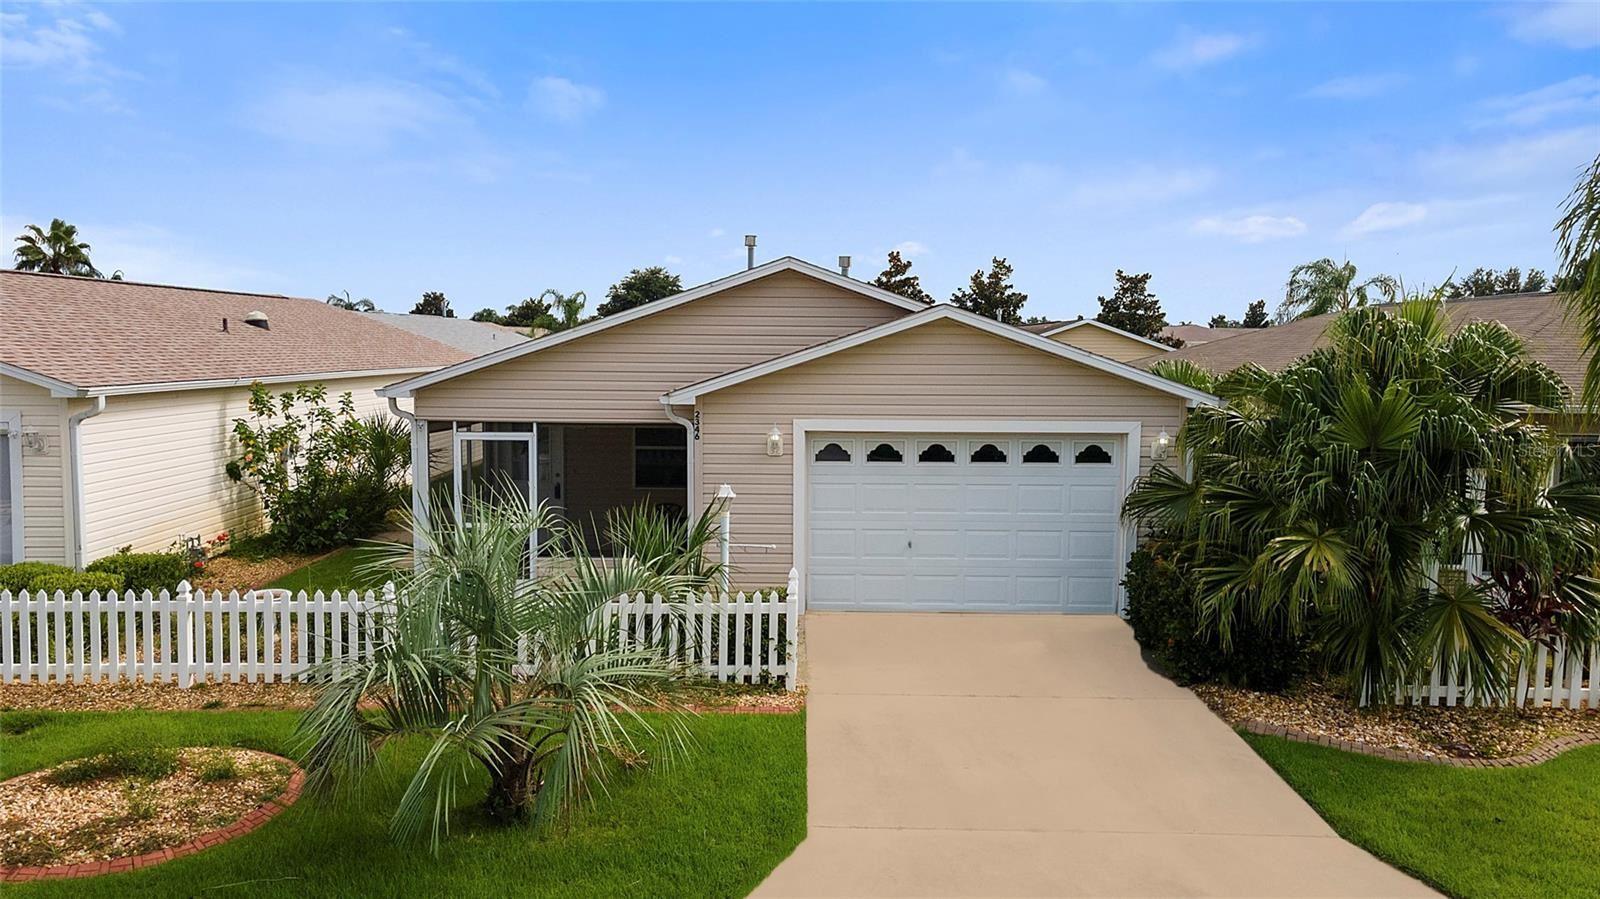 2346 OAK BEND PLACE, The Villages, FL 32162 - #: G5047071